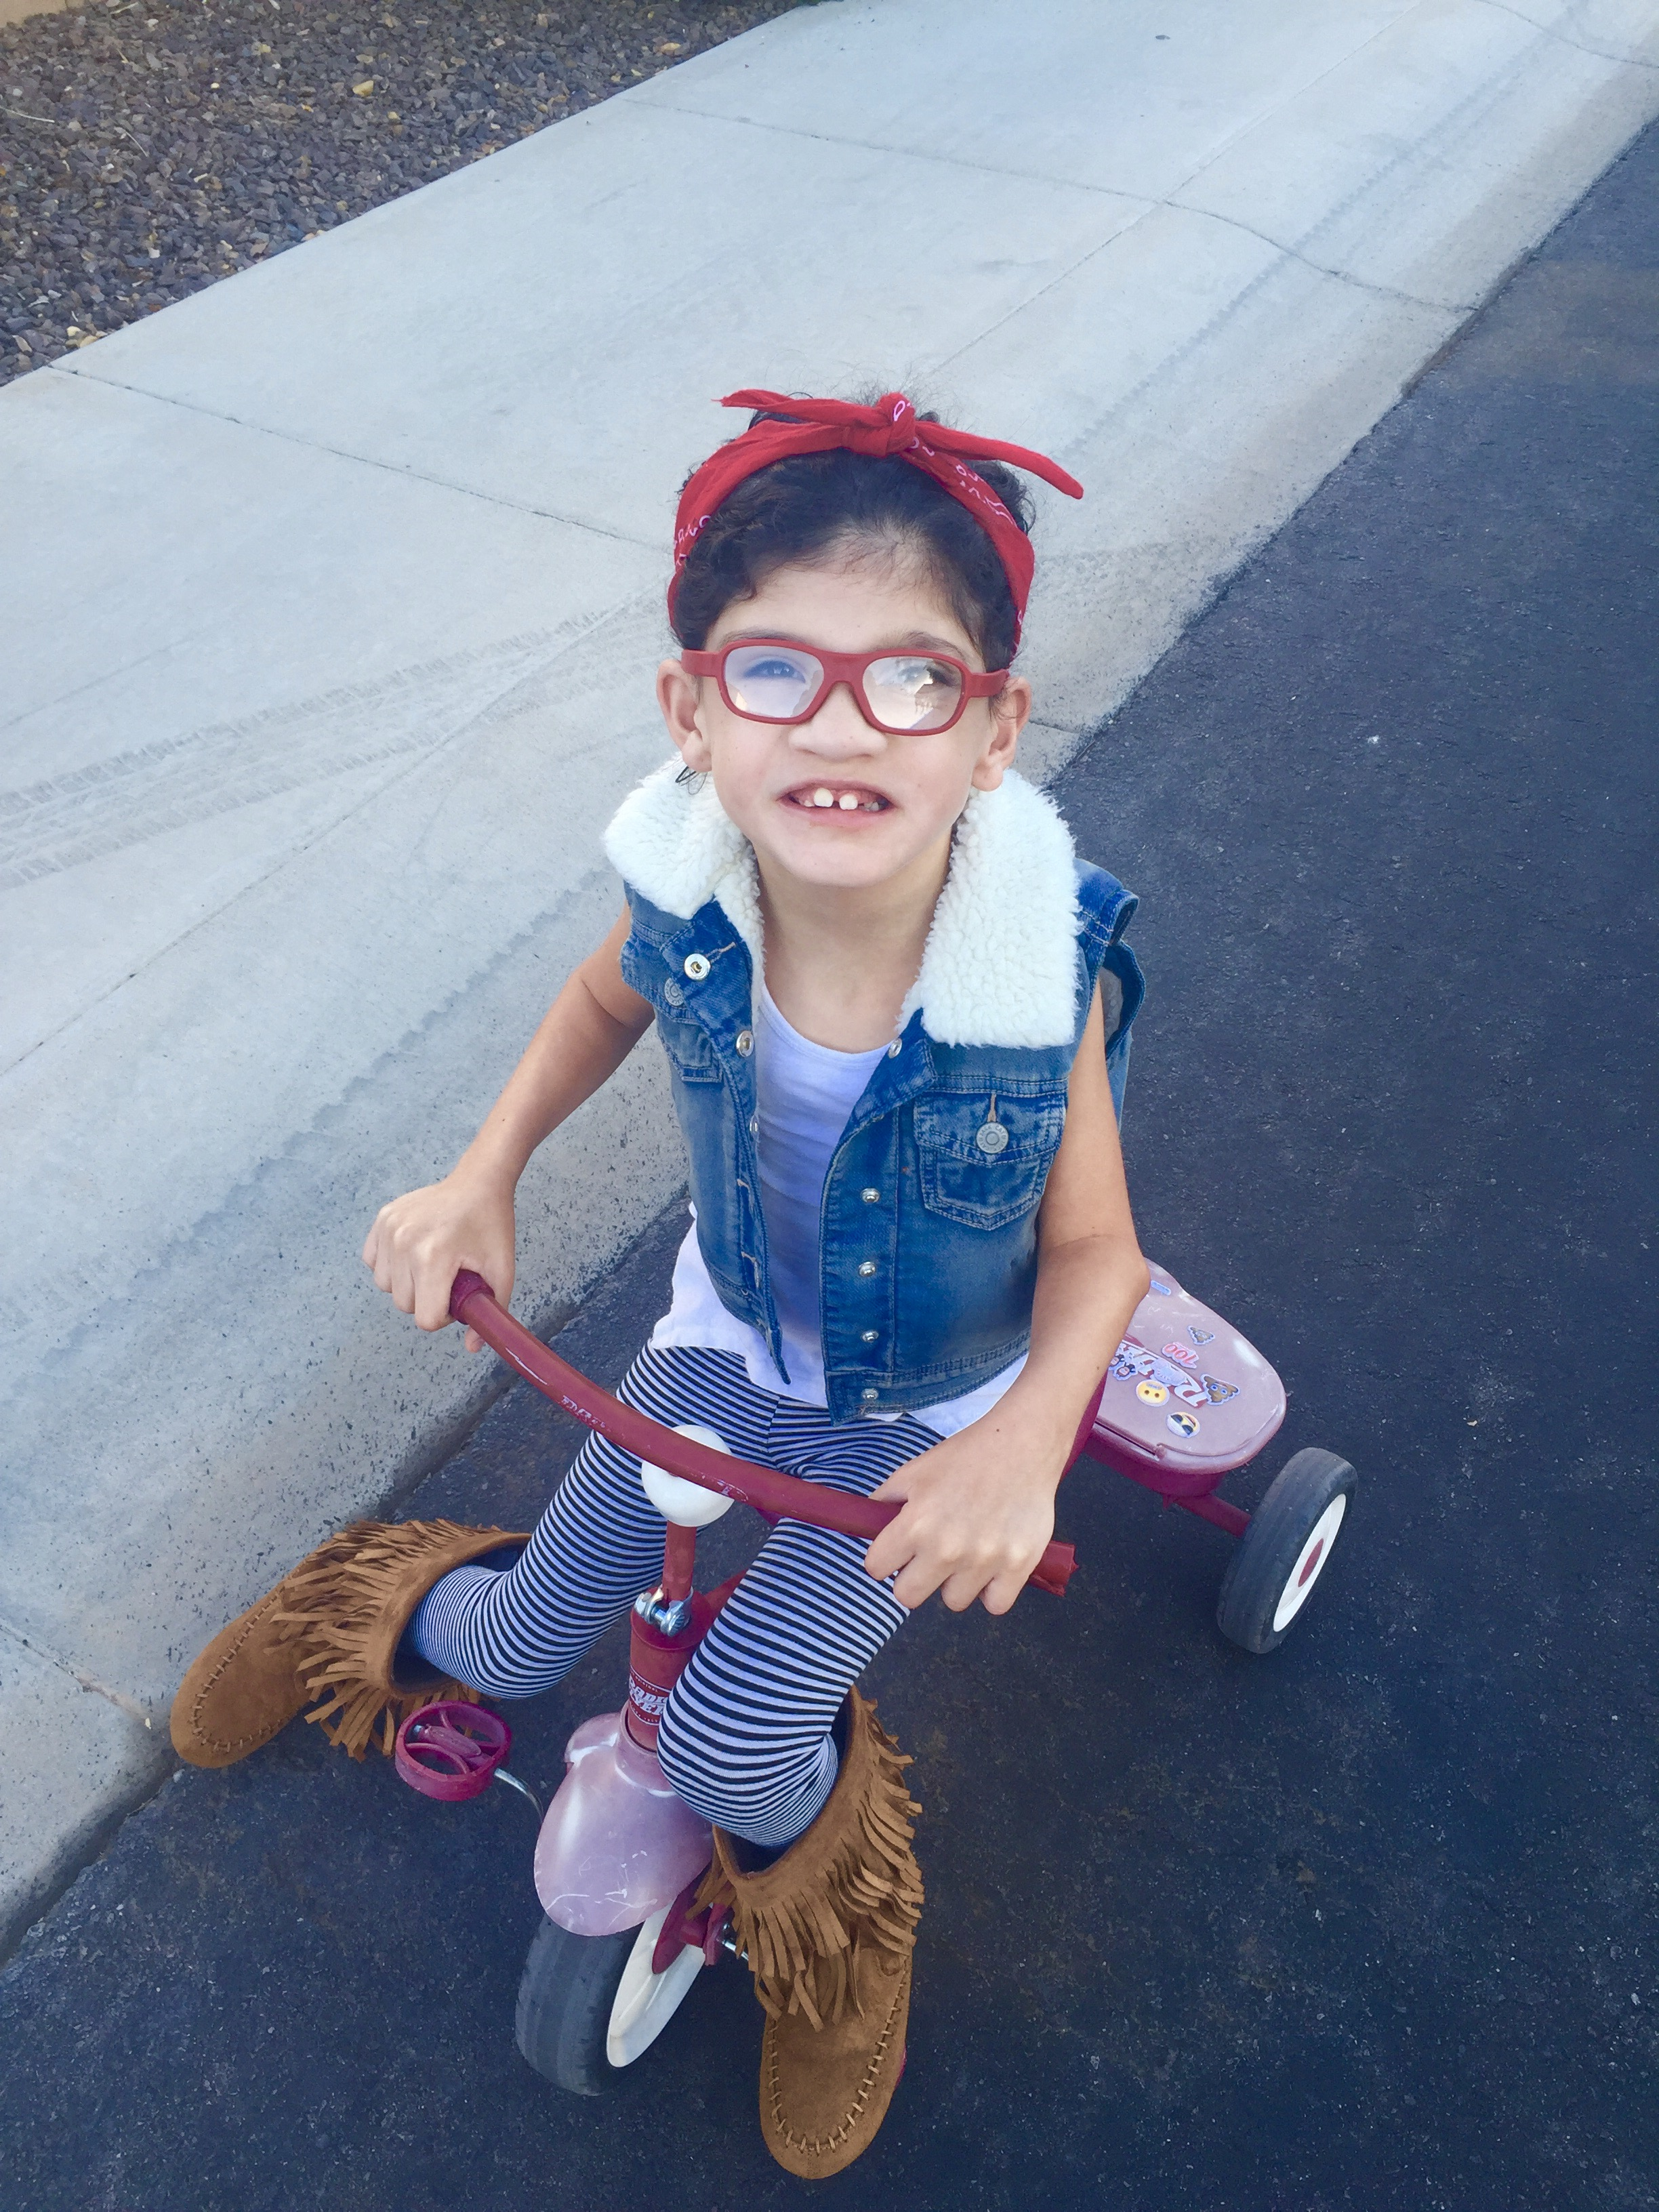 Maggie on bike